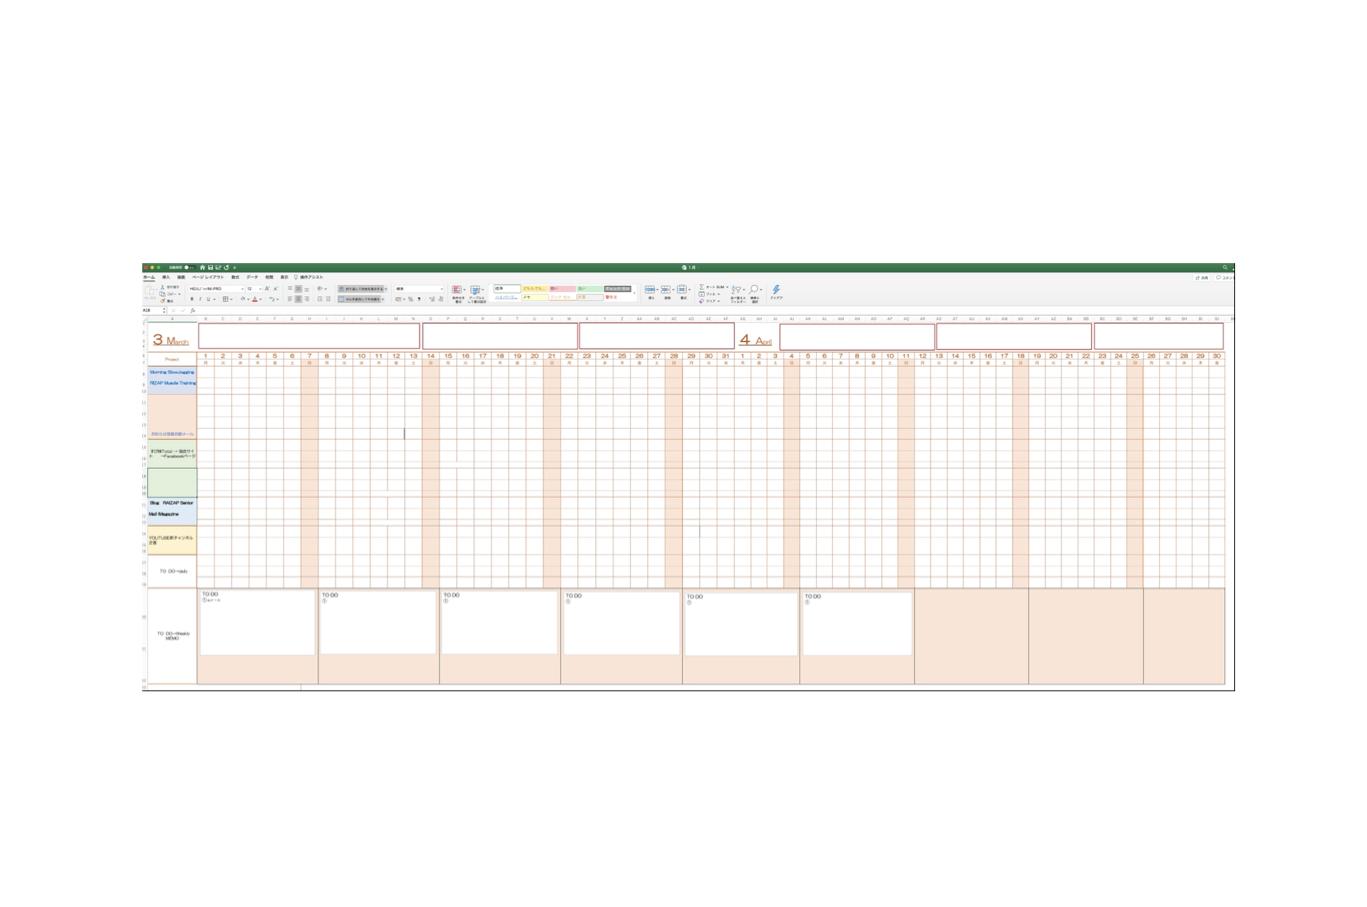 34インチウルトラワイドモニター上に、横幅79cmの2ヶ月一覧ガントチャートを自作。